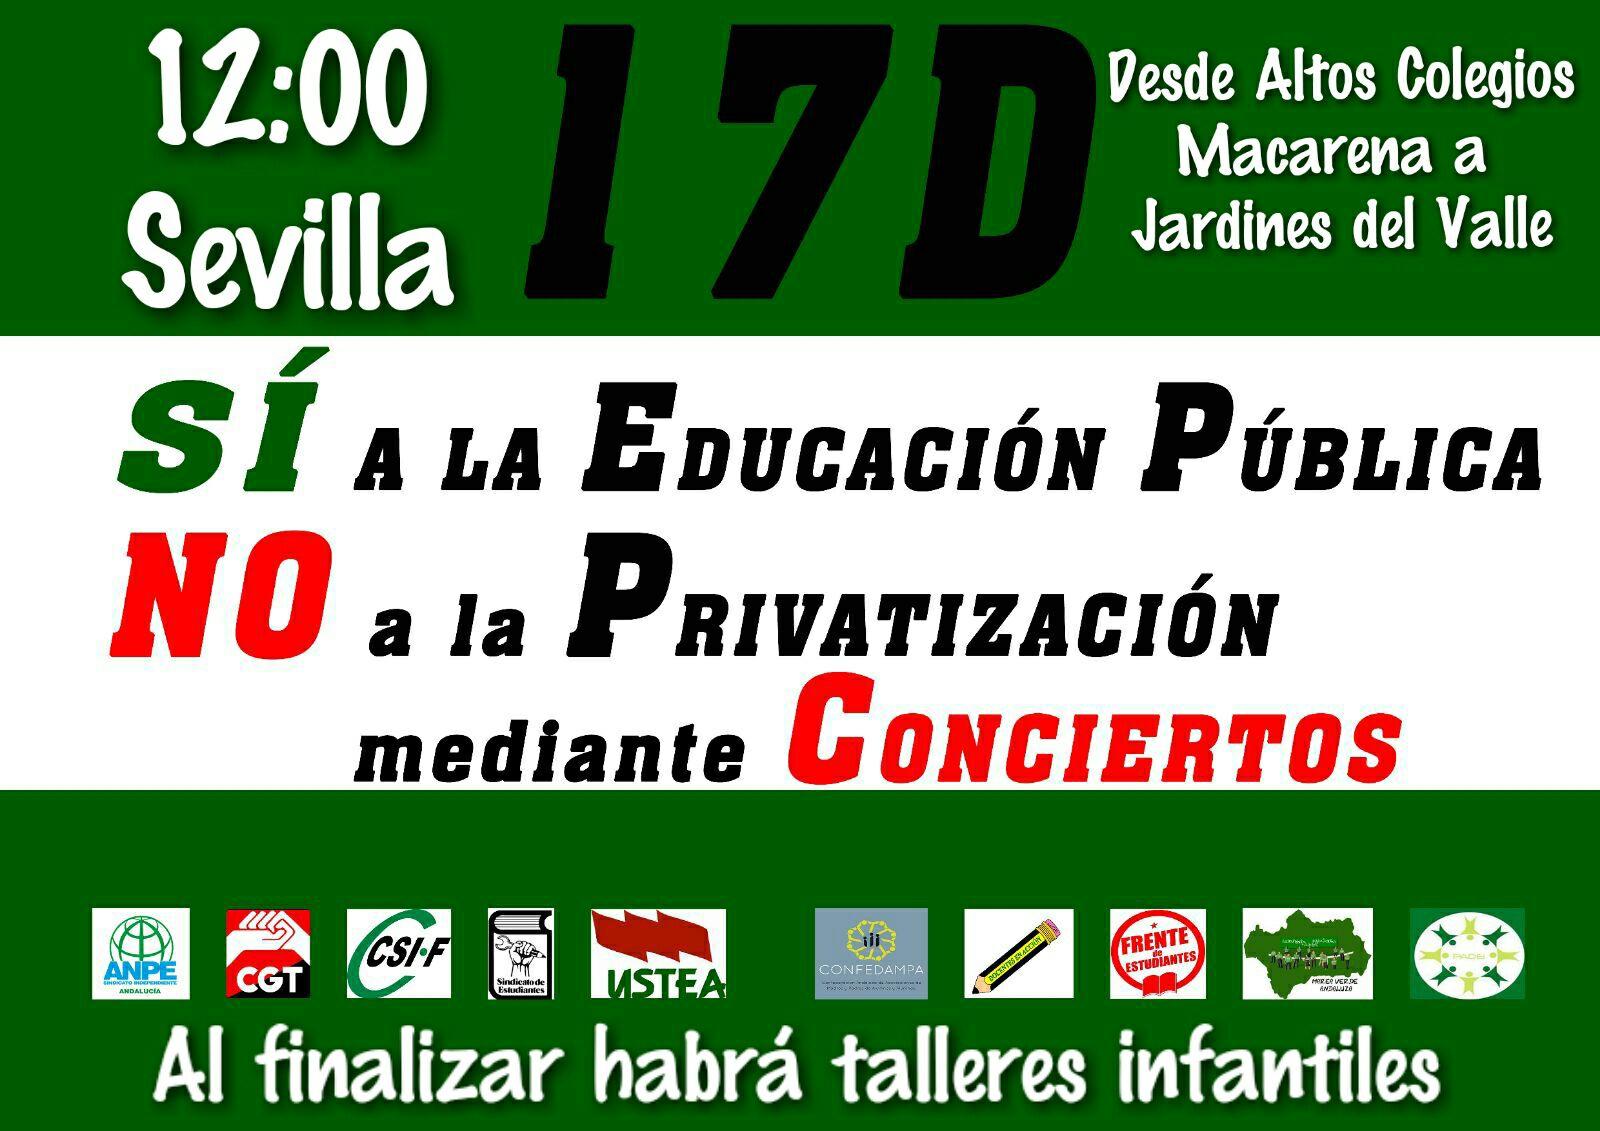 LA COMUNIDAD EDUCATIVA ANDALUZA CONVOCA MANIFESTACIONES POR LA ESCUELA PÚBLICA